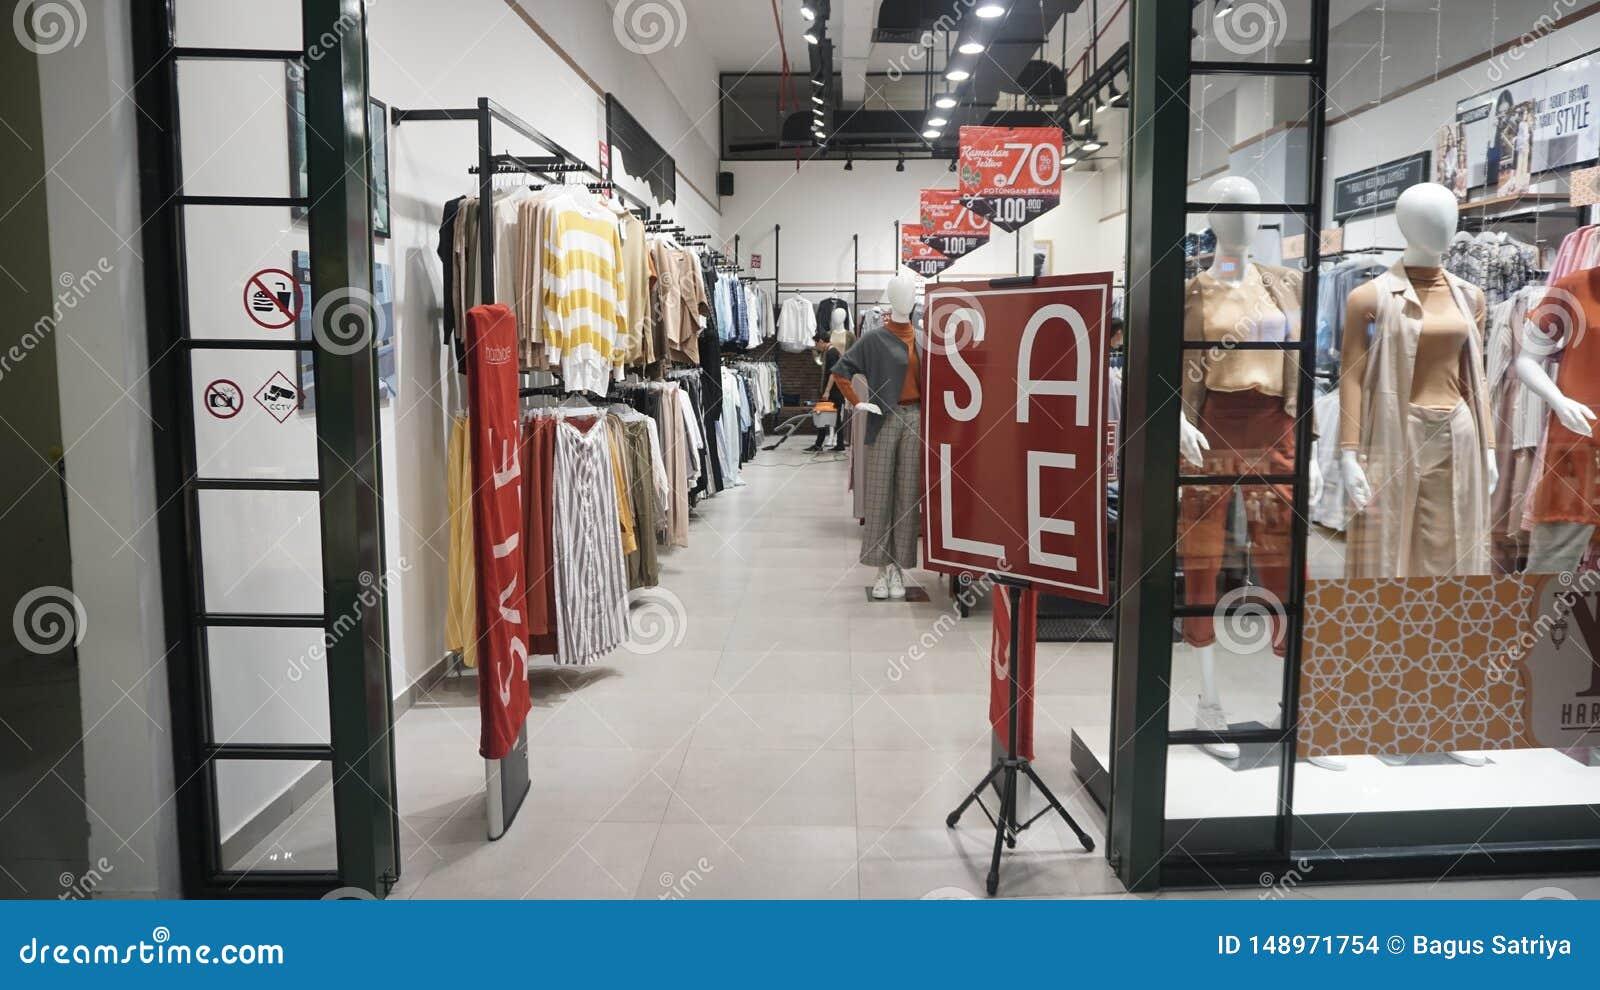 Eid discount before Eid al-Fitr in Hartono Mall Yogyakarta